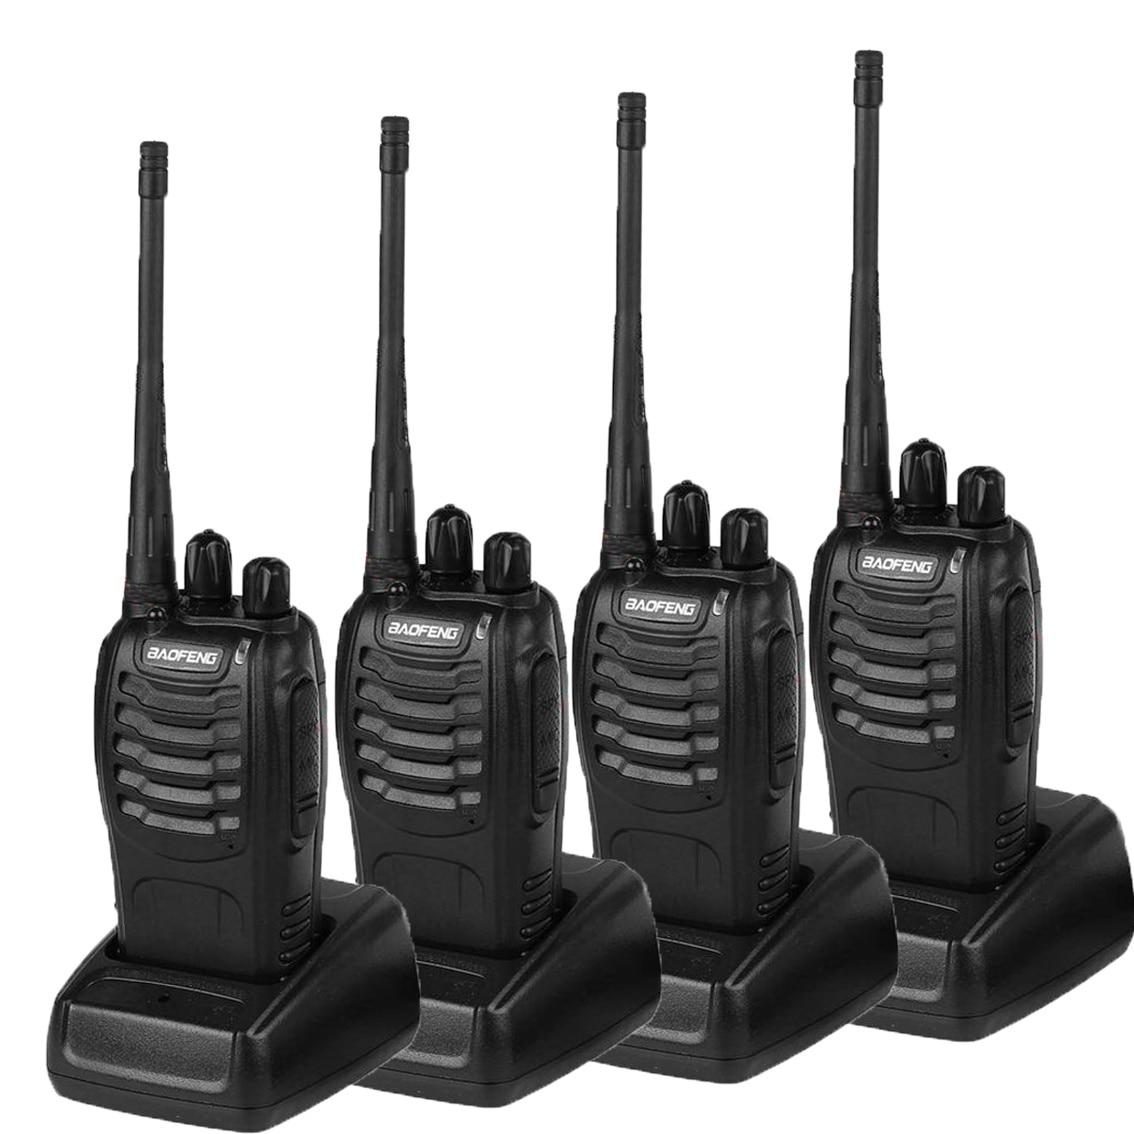 4pcs original Baofeng BF-888S Walkie Talkie set walki-talki two way Transmitter Transceiver UHF radio for hunting outdoor worker